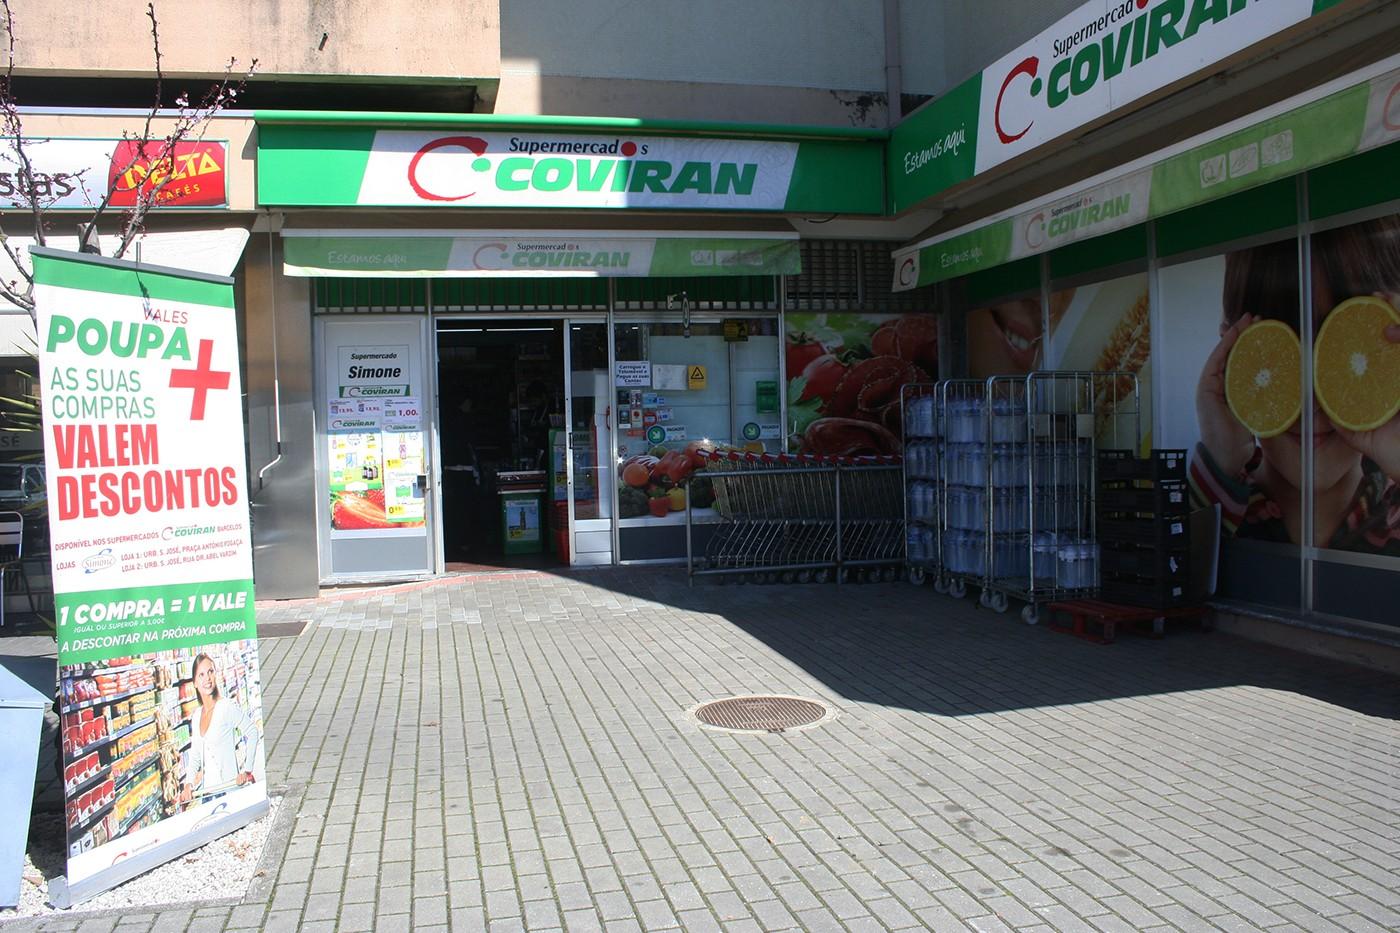 Coviran Barcelos - Supermercados